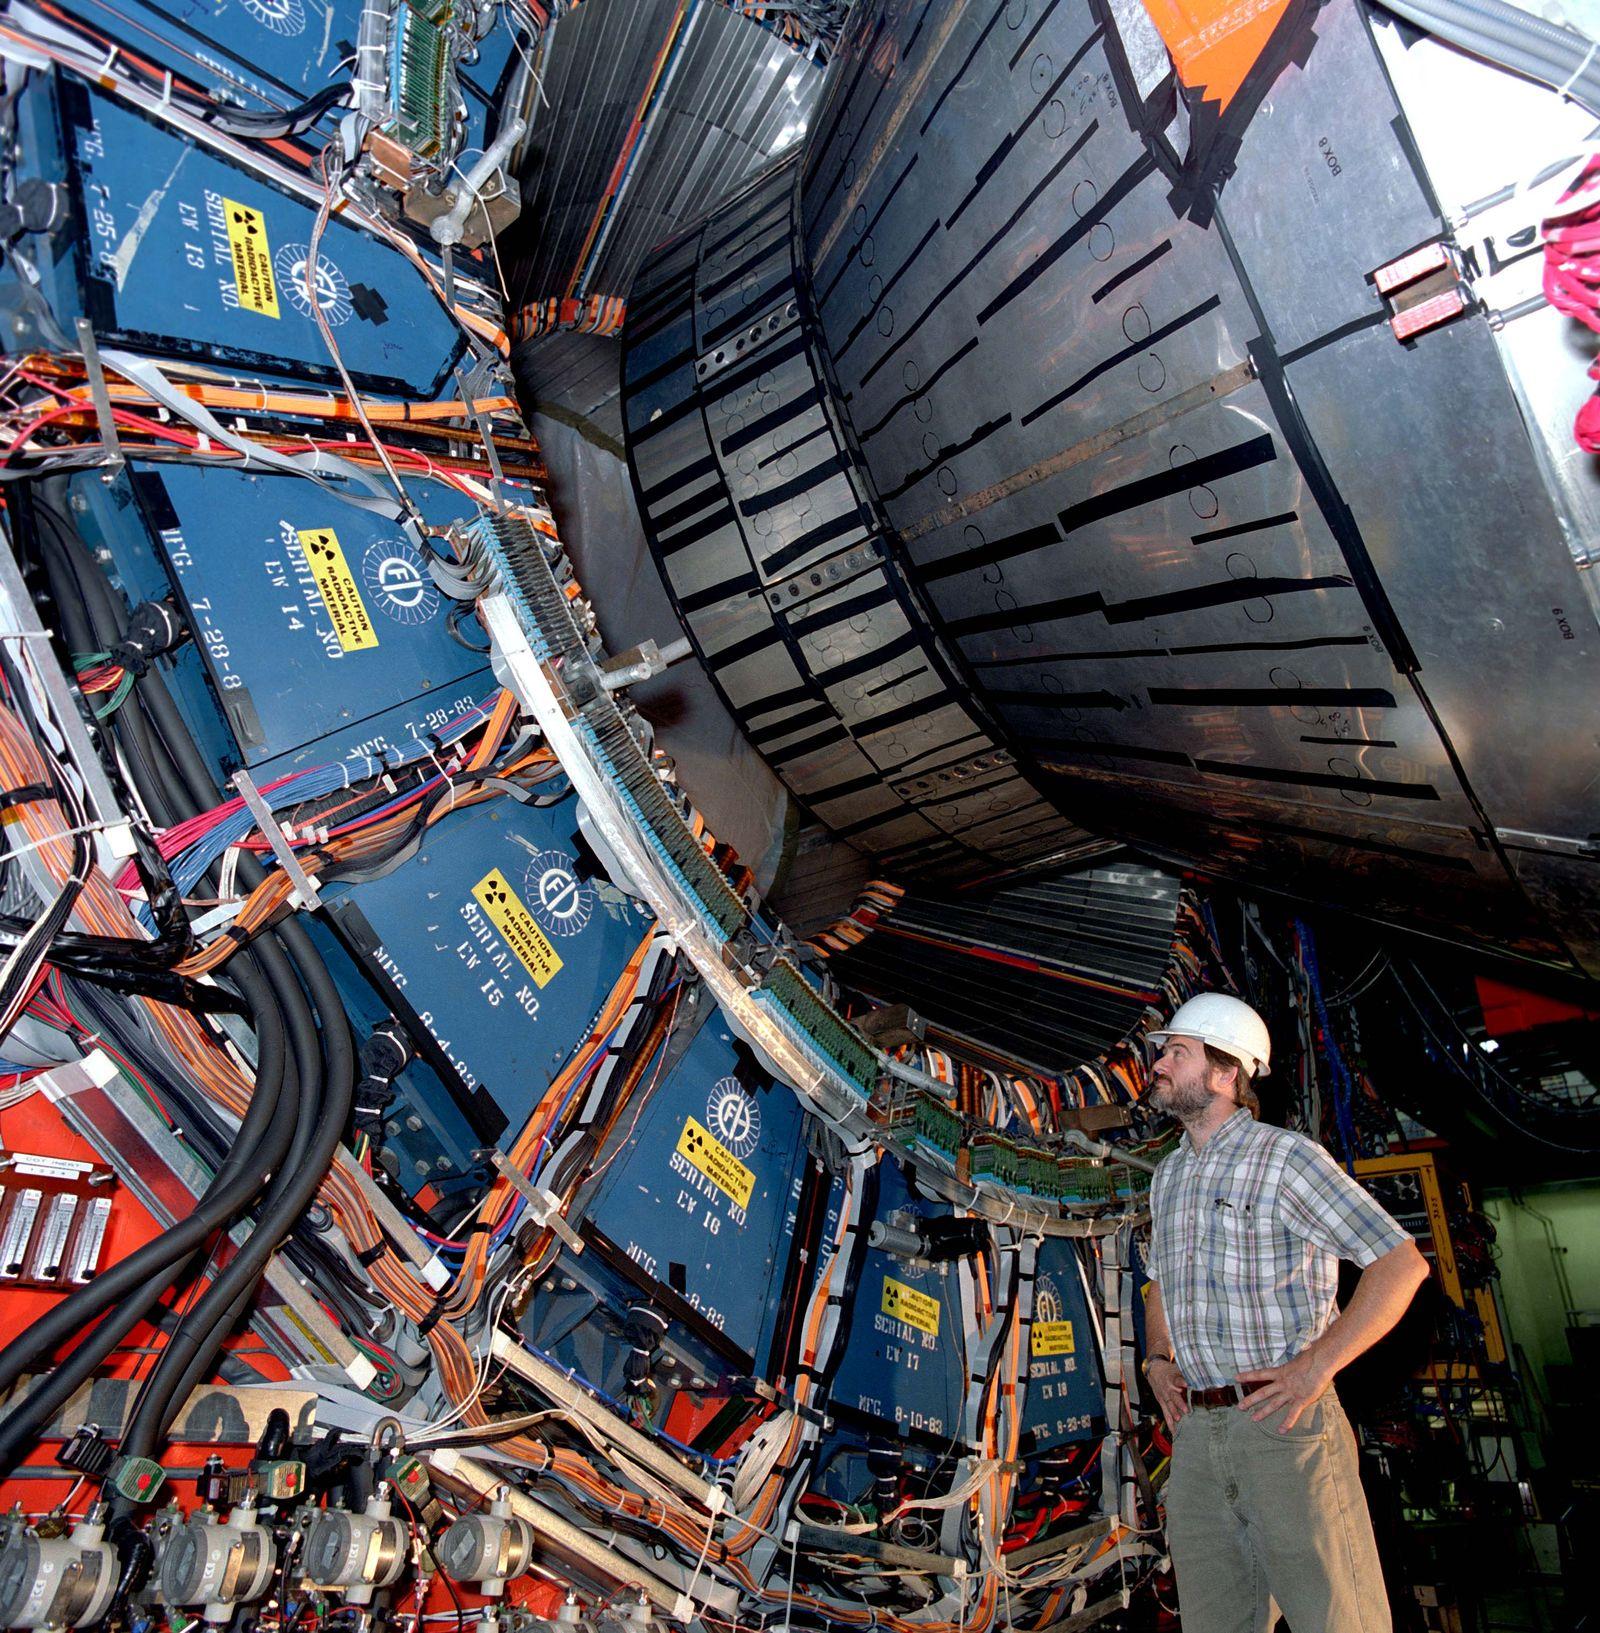 Fermilab/ CDF Detector